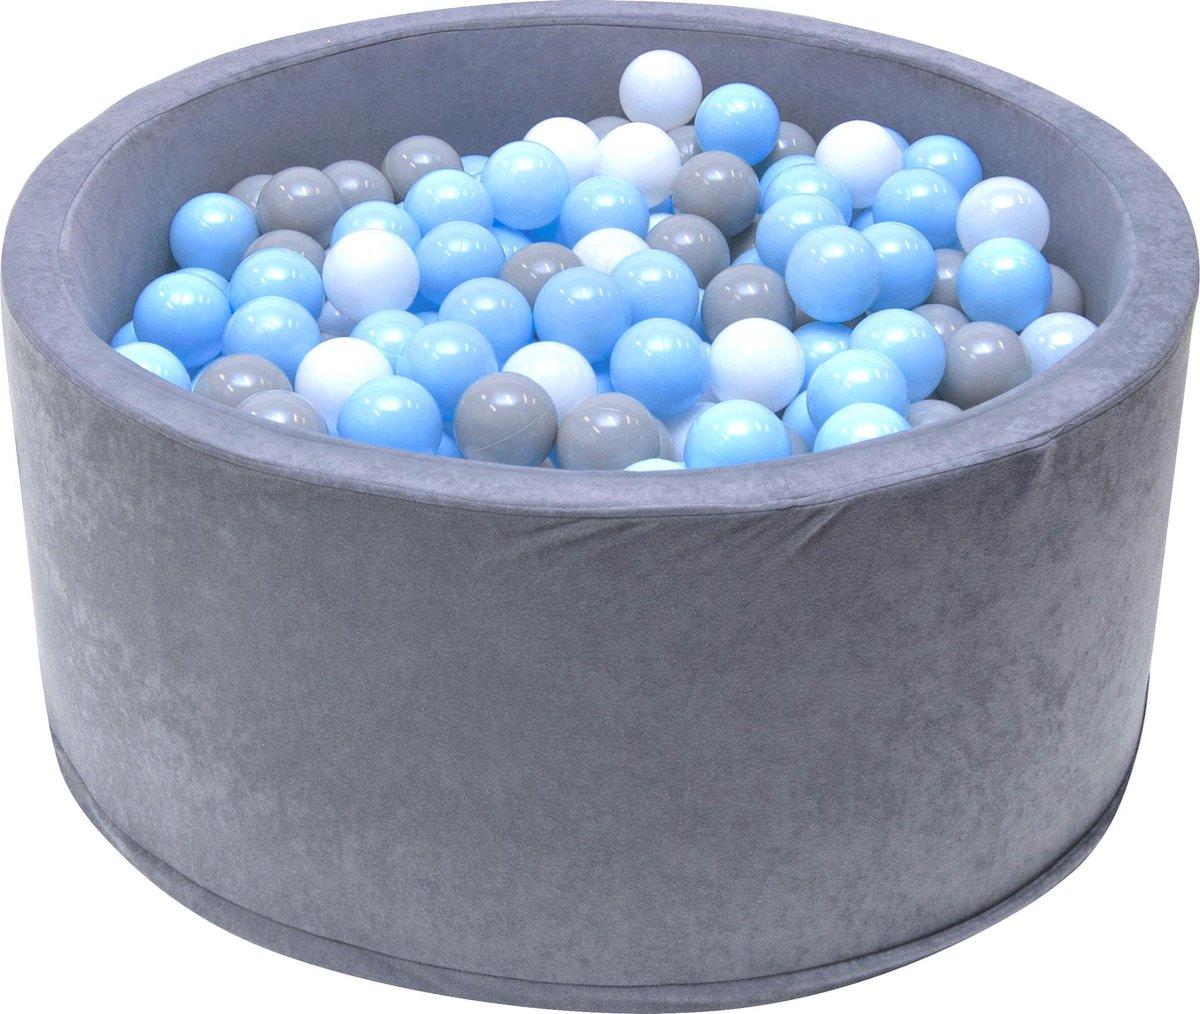 Ballenbak XL incl ballenbak ballen - Grijs